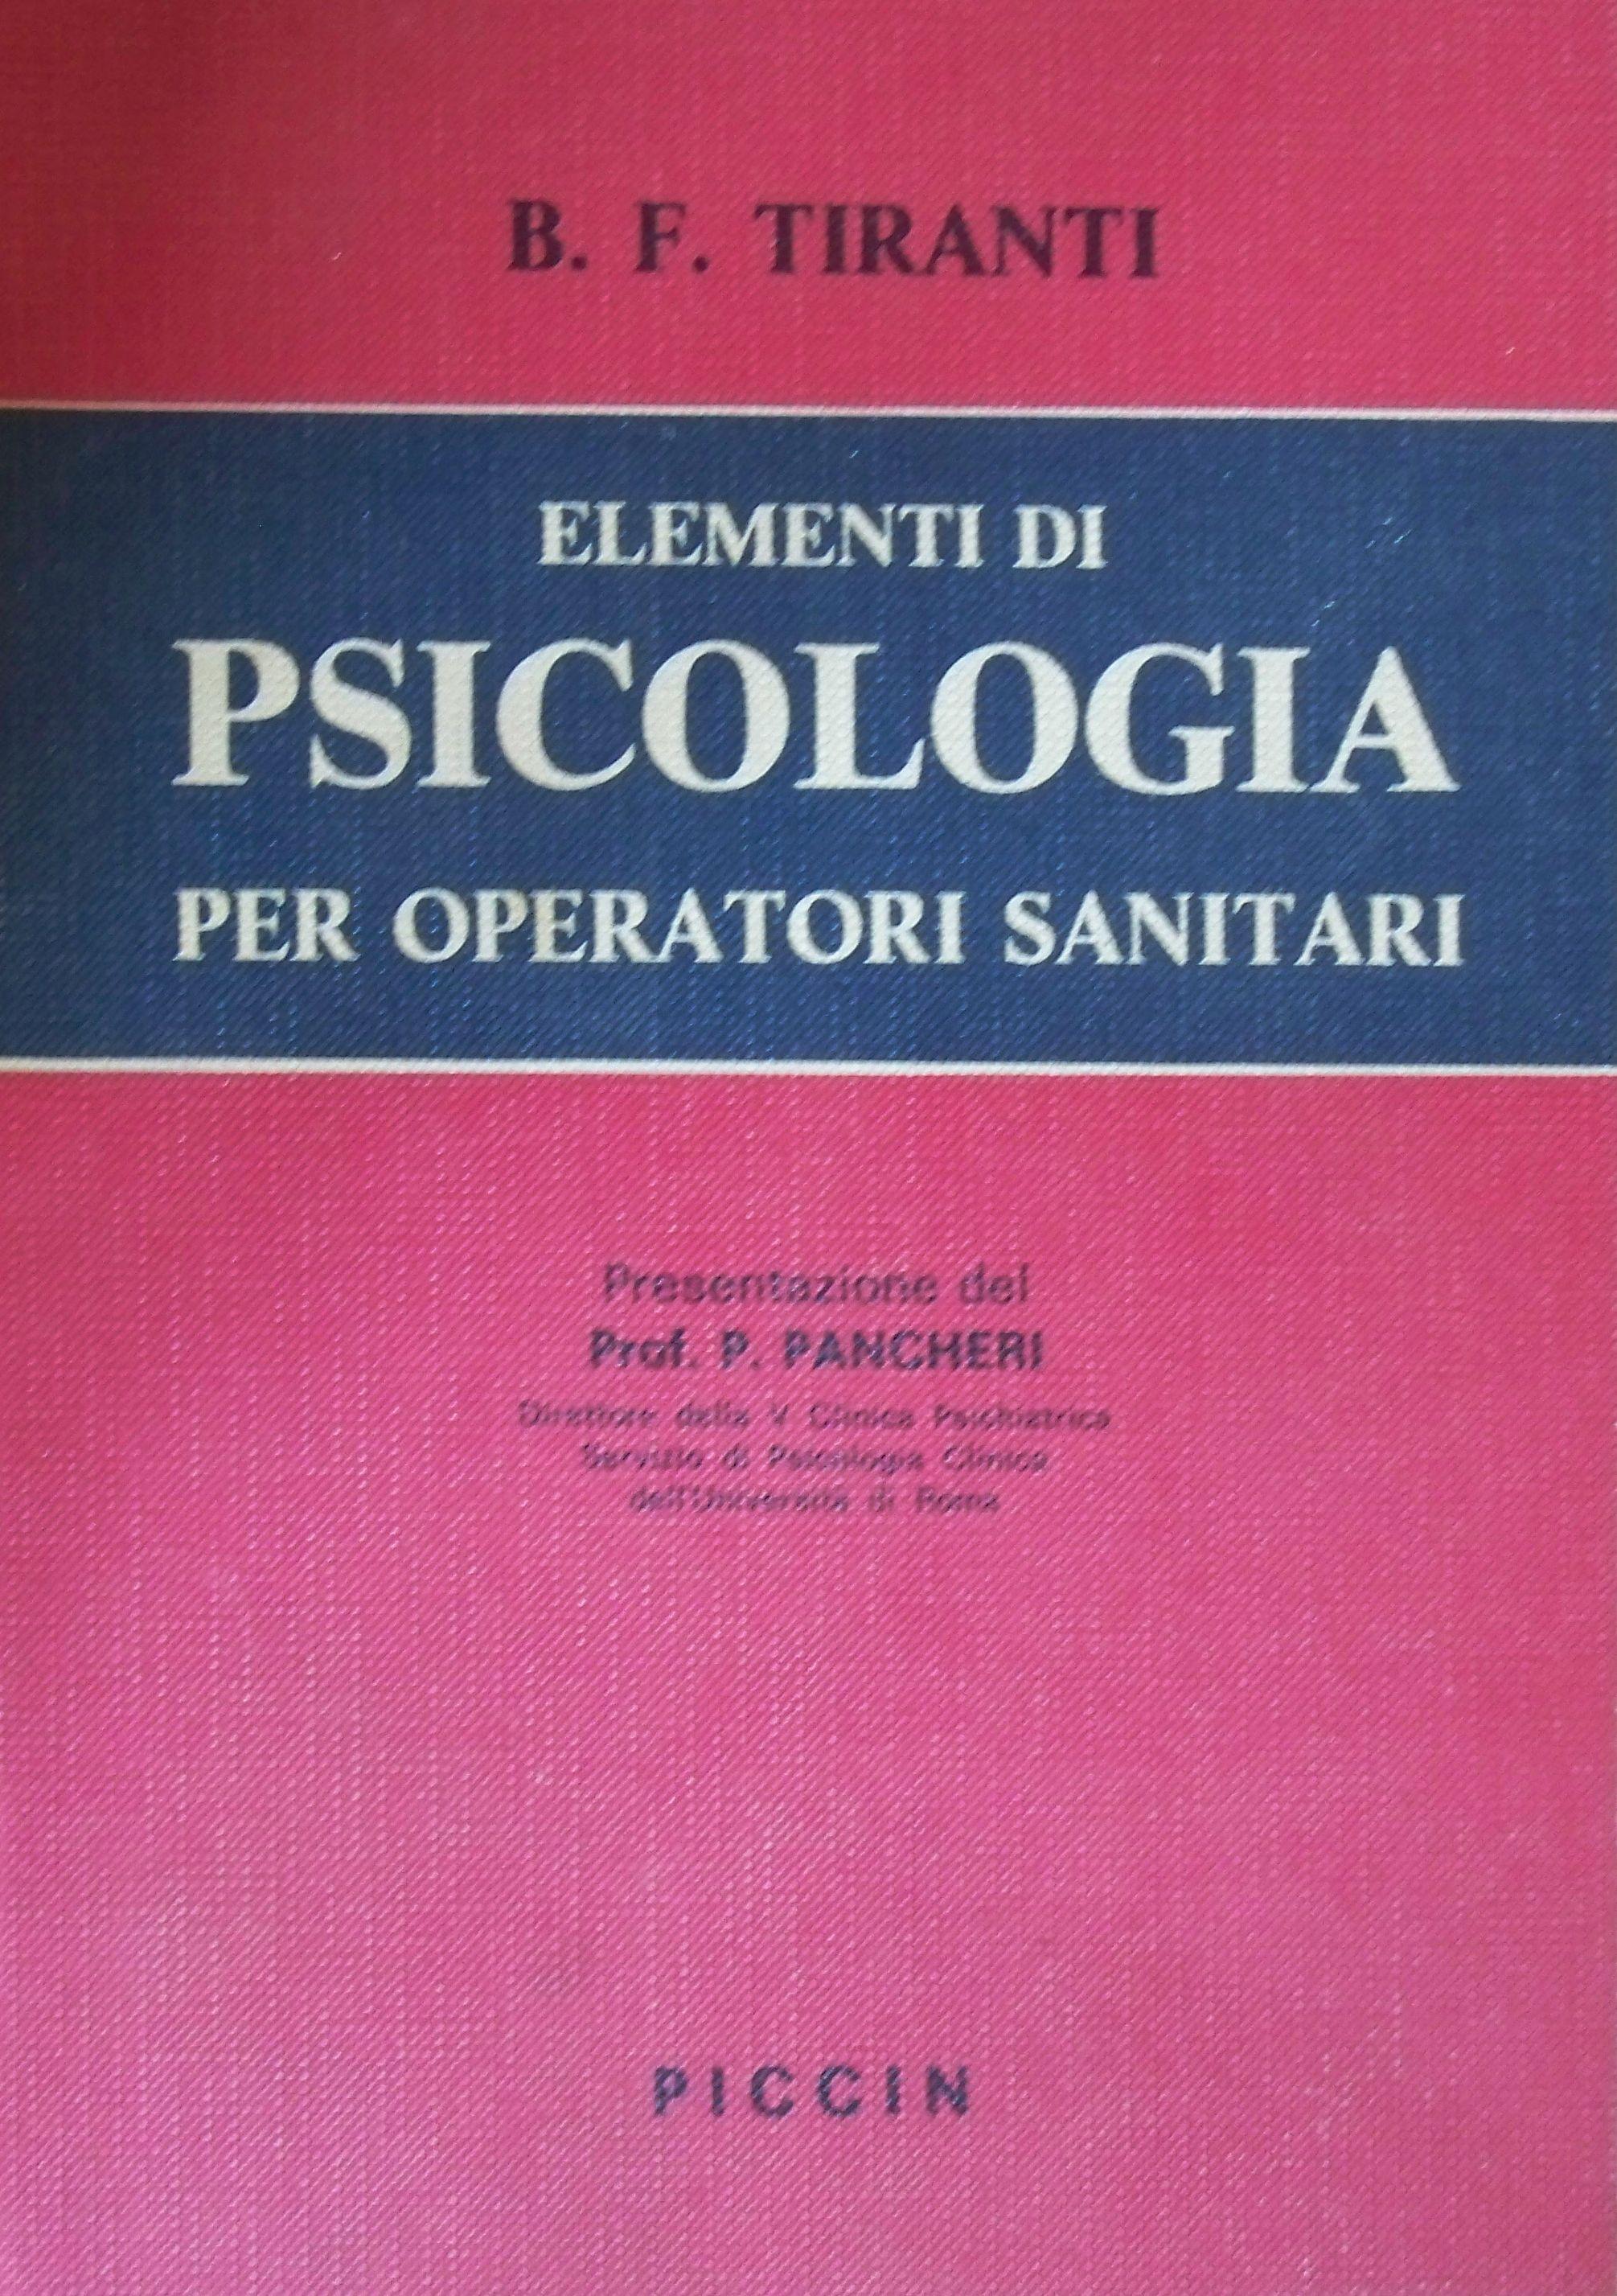 Elementi di psicologia per operatori sanitari